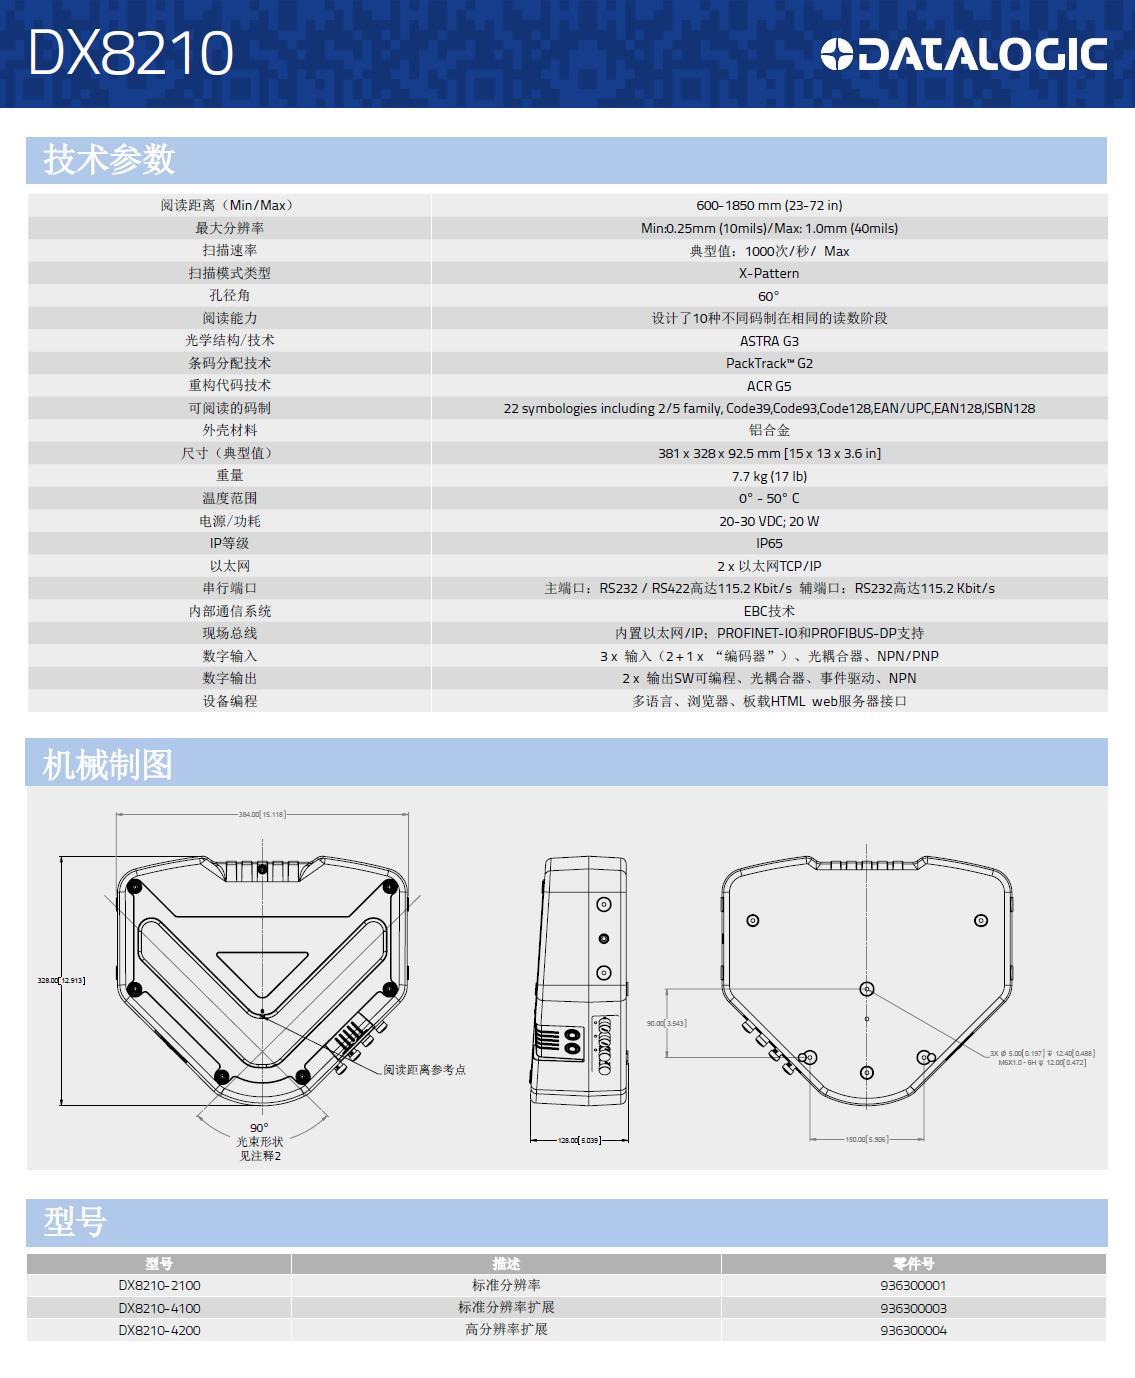 DX8210全方位条码扫描固定式读码器型号、规格、尺寸详细图片展示